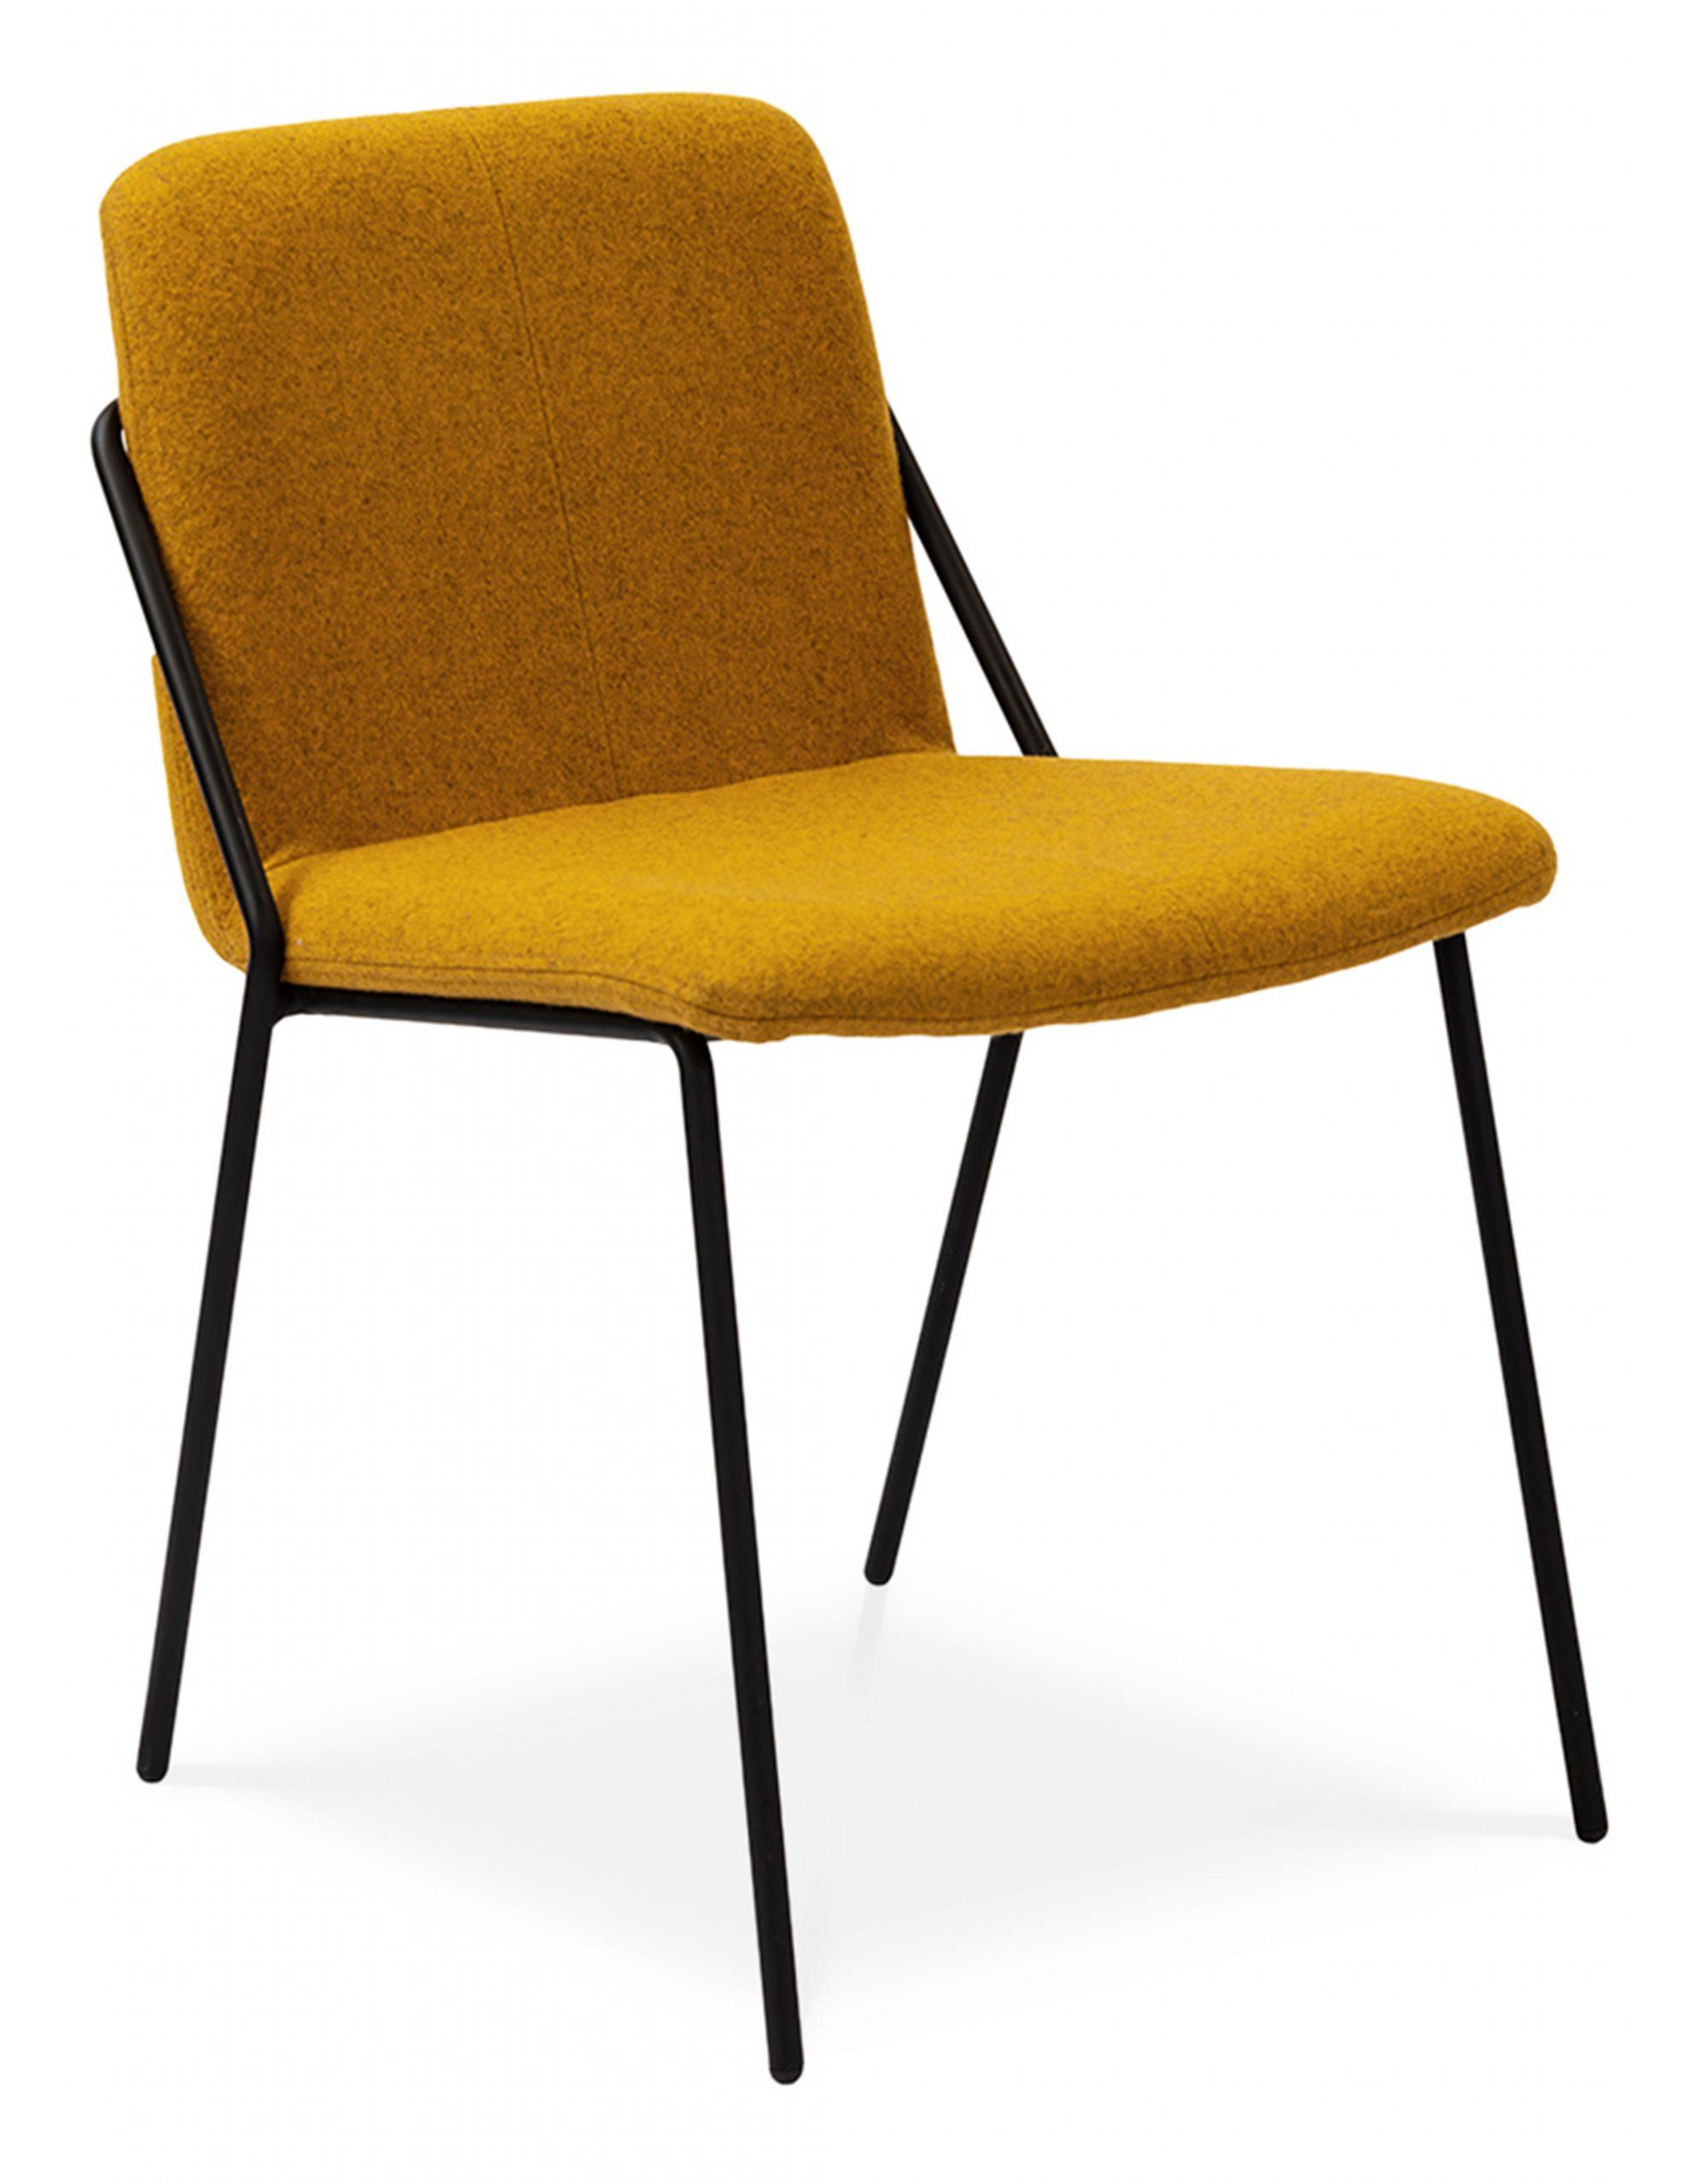 Sling Upholstered